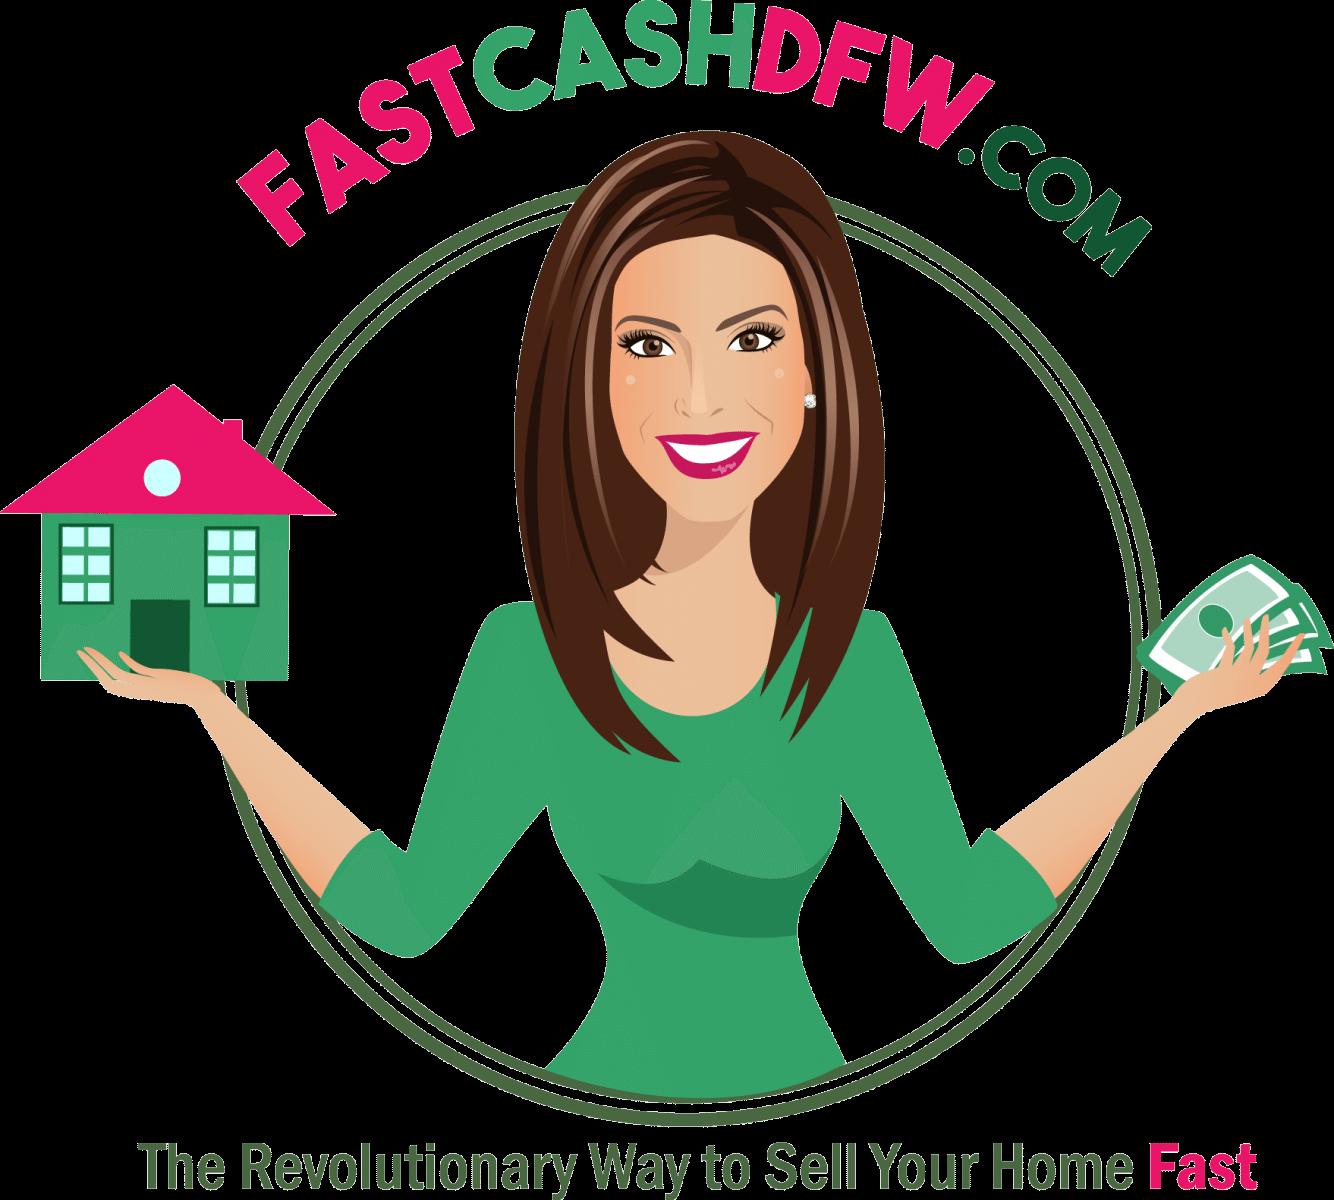 Fast Cash DFW logo